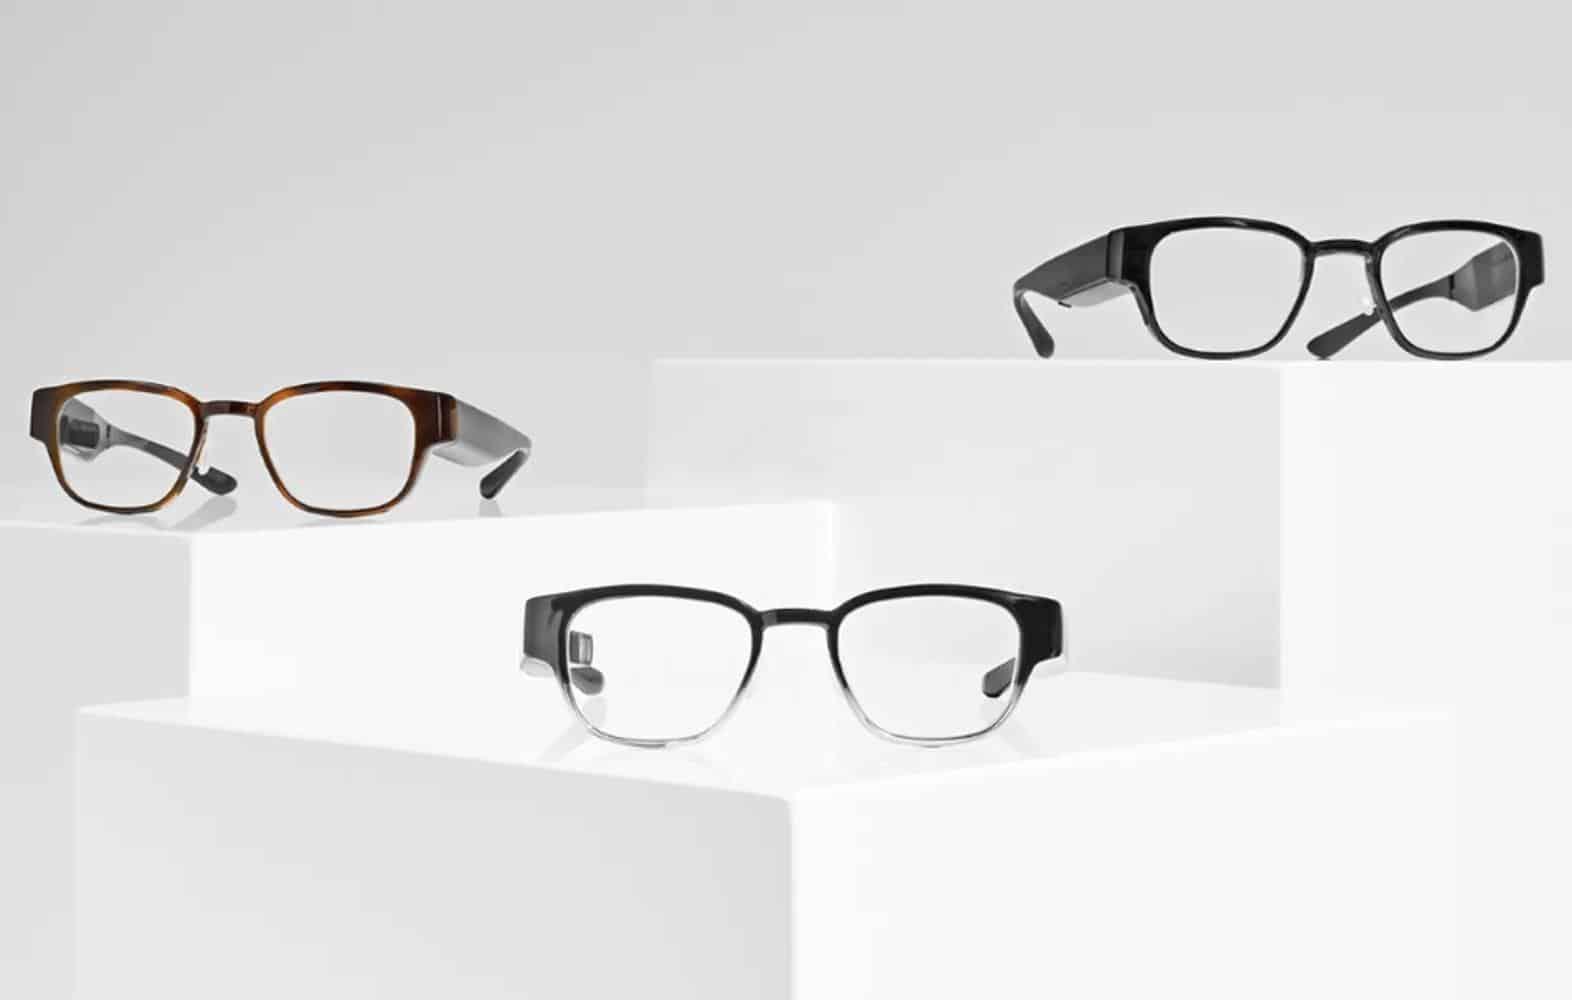 Google compra startup responsável por óculos inteligentes – Olhar Digital